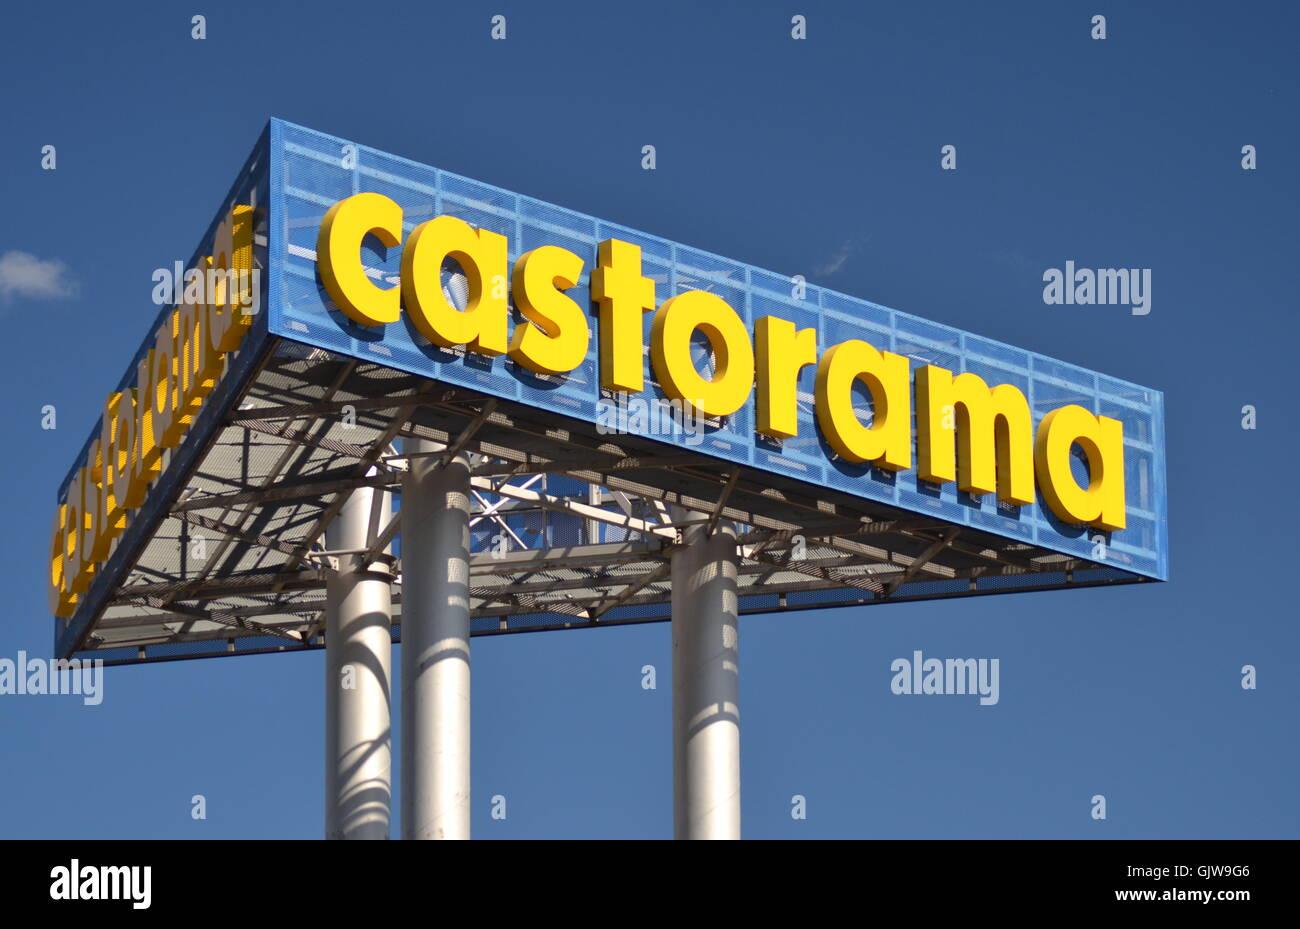 Castorama Store Photos Castorama Store Images Alamy